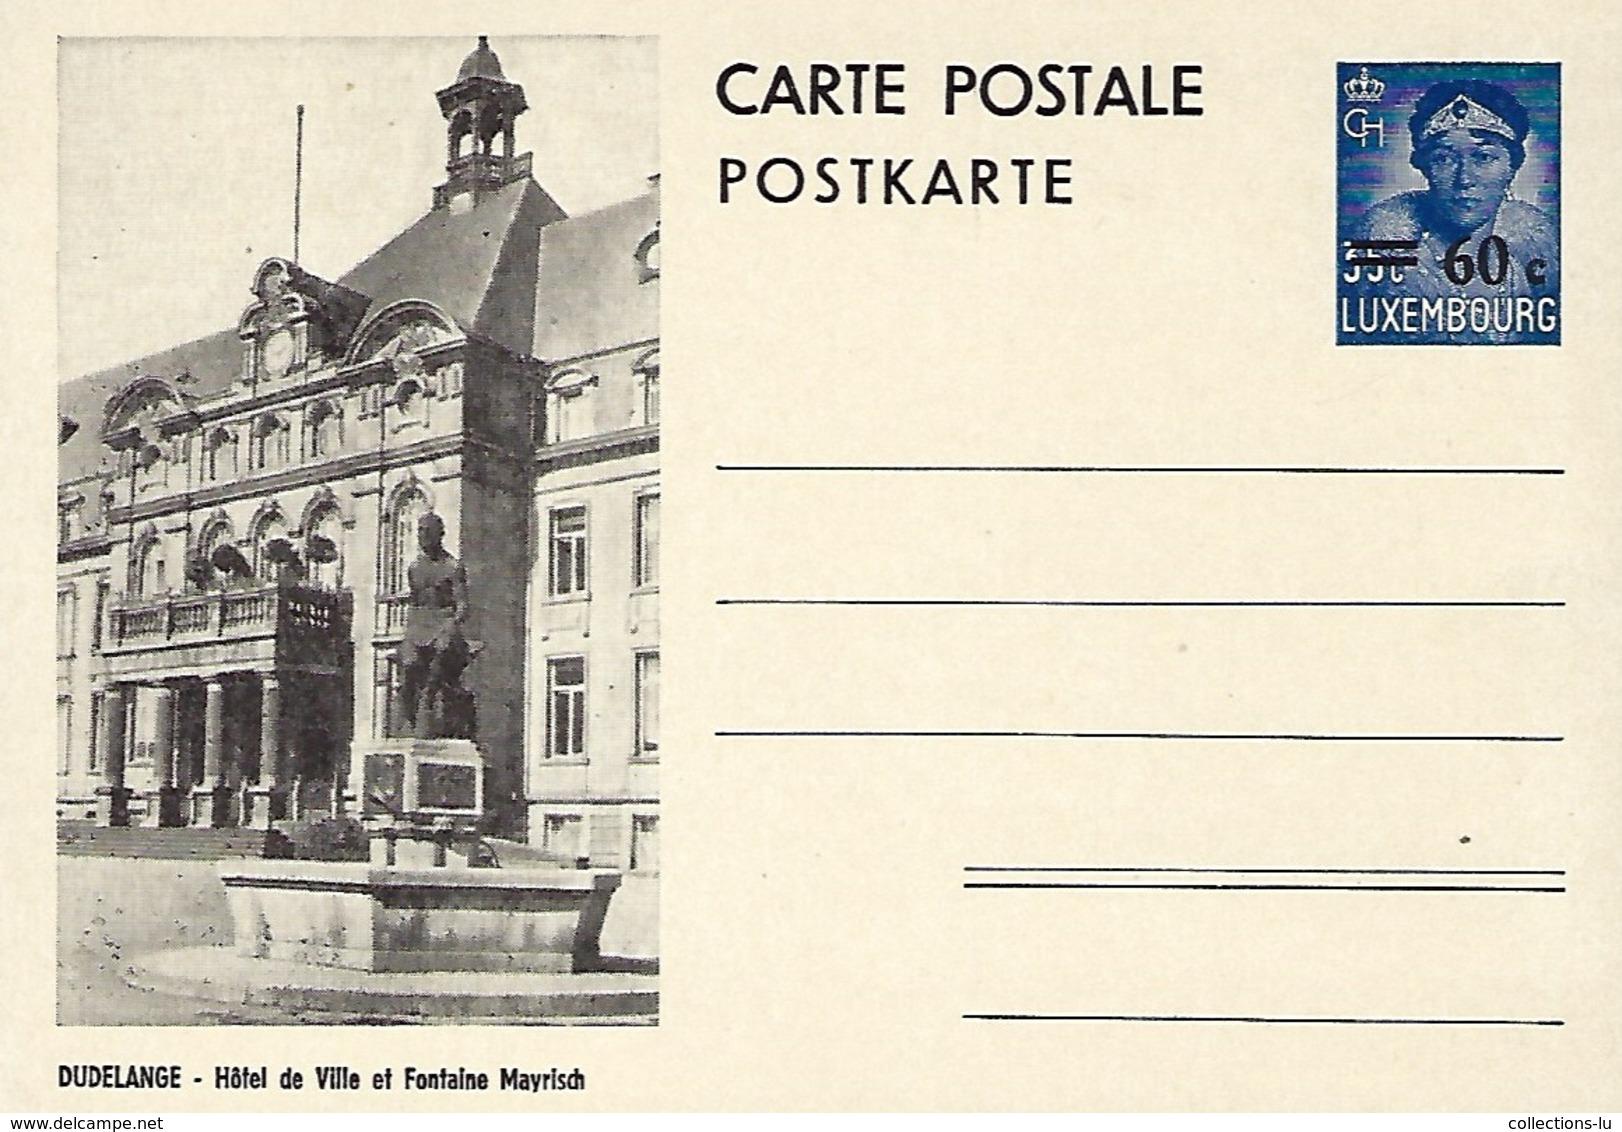 Luxembourg  -  Carte Postale - Postkarte - Dudelange - Hôtel De Ville Et Fontaine Mayrich - Prifix 116 - Entiers Postaux